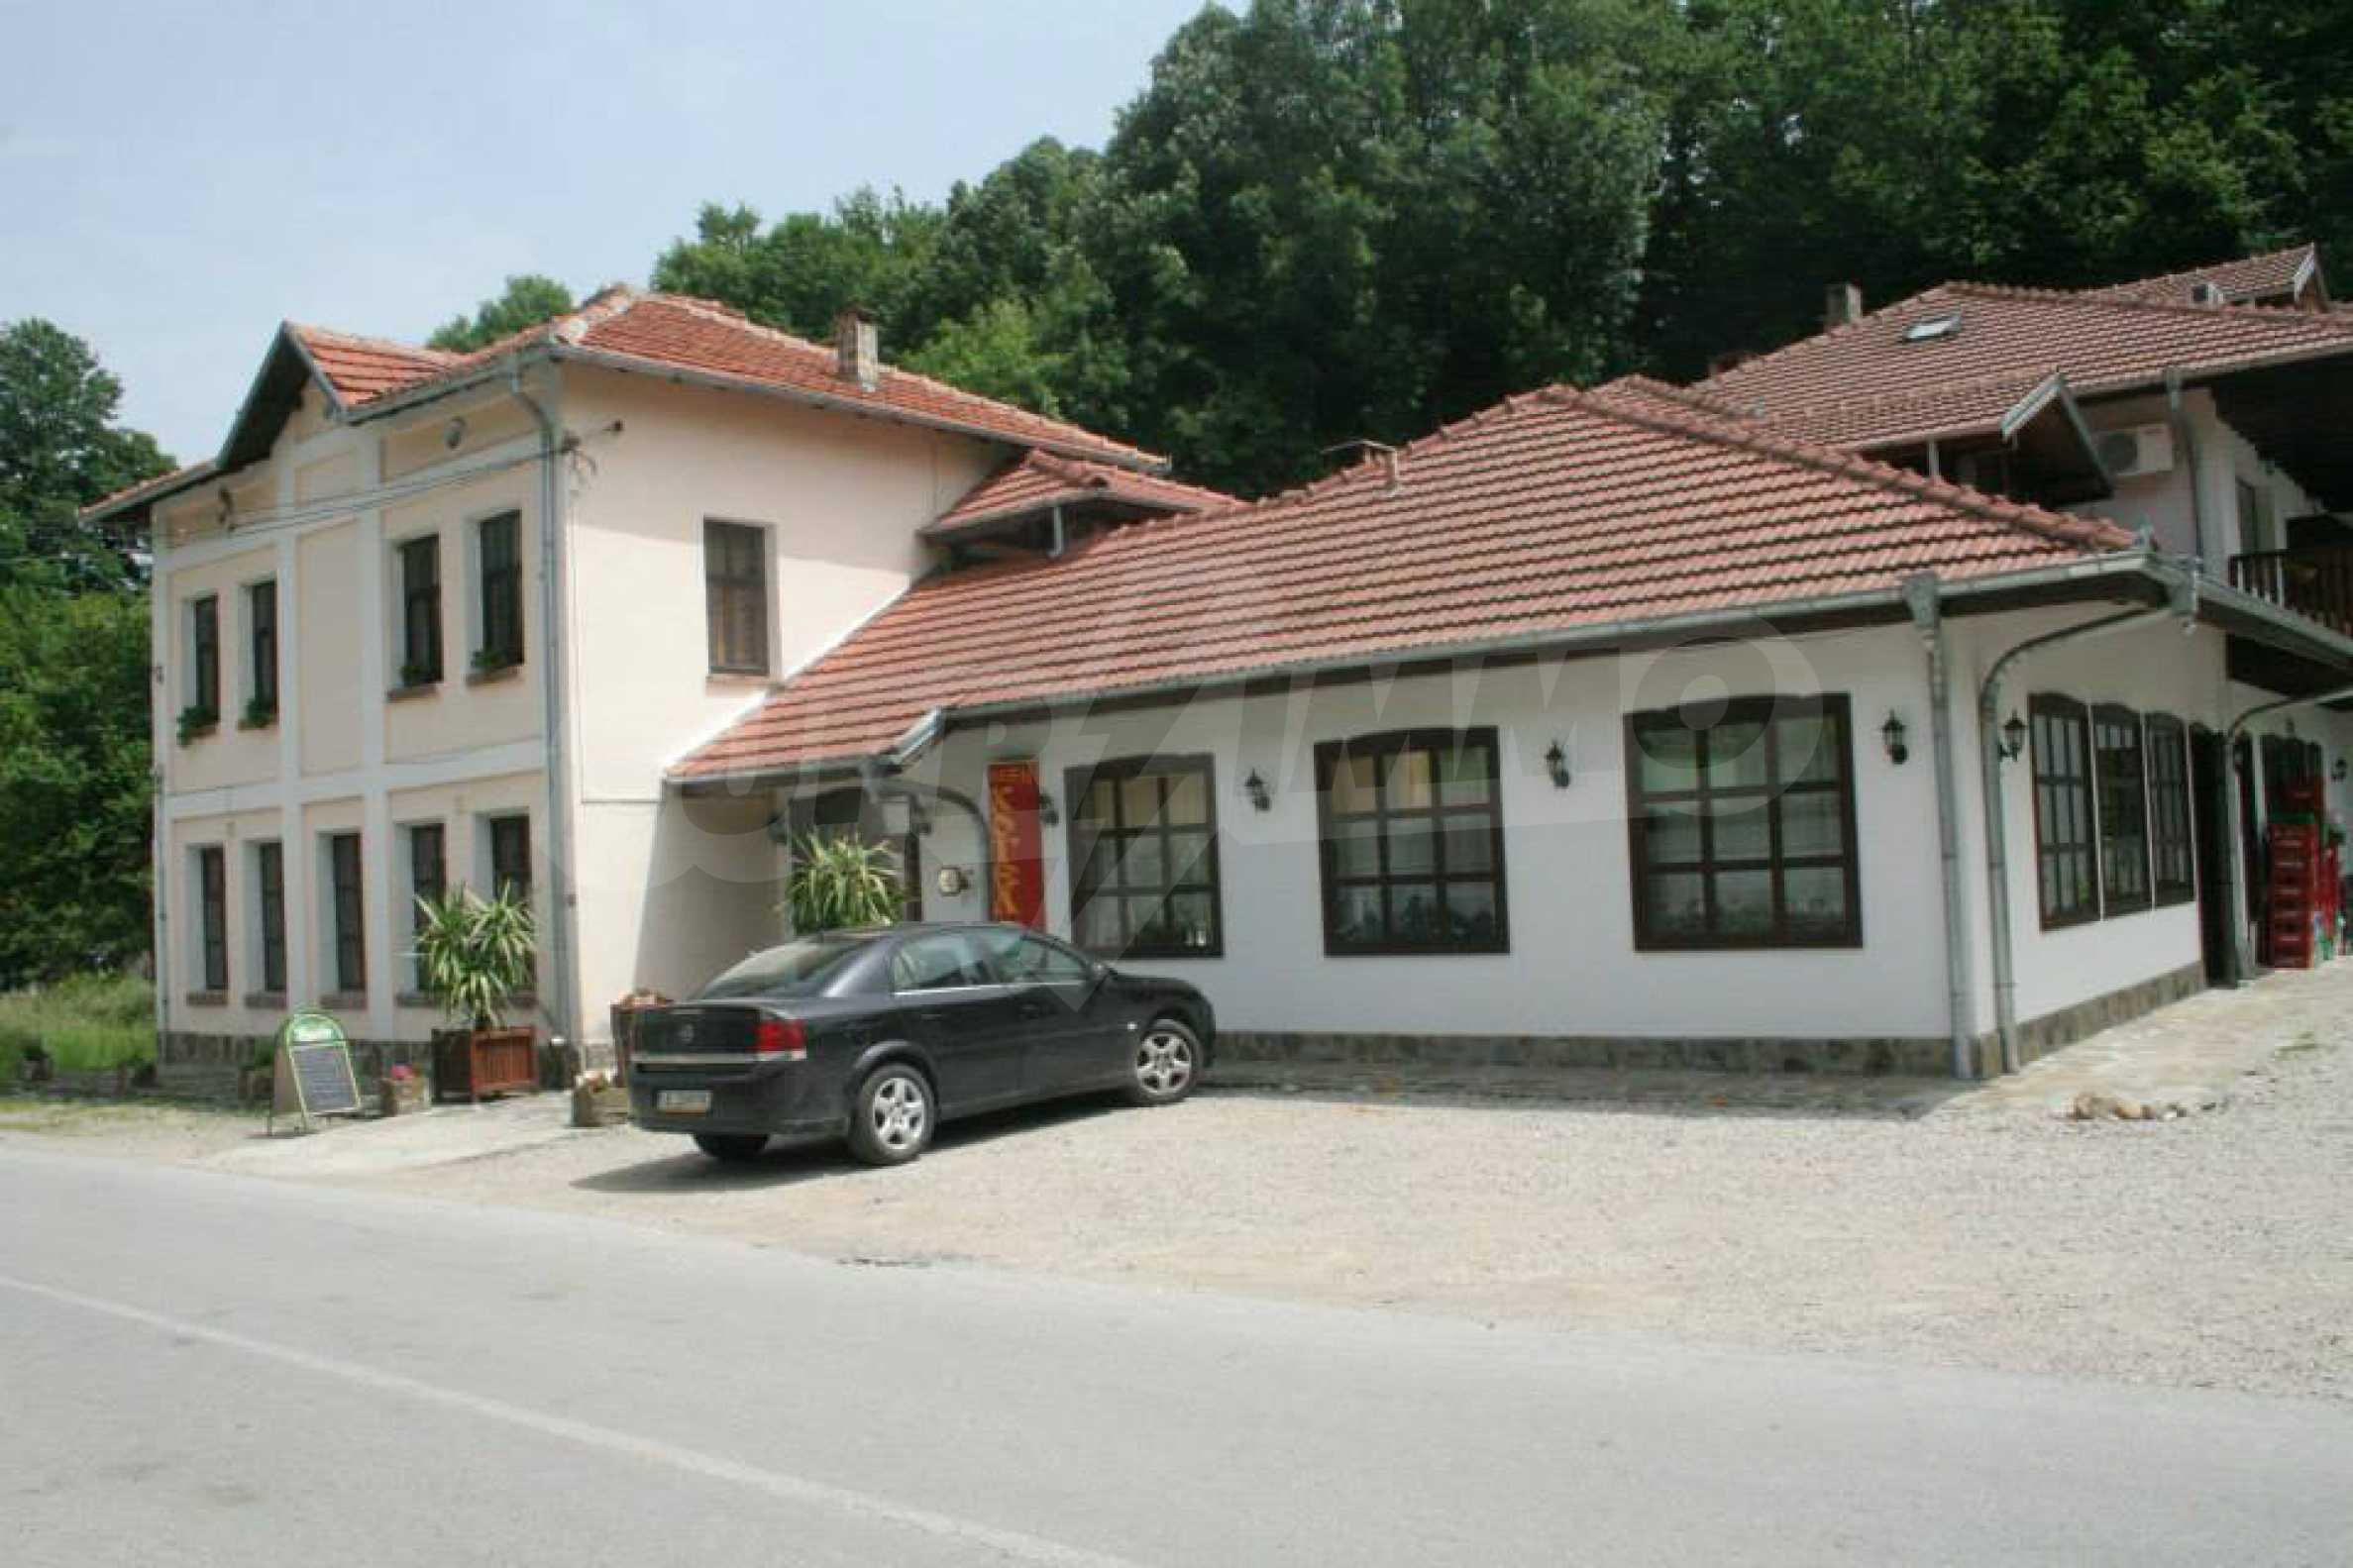 Gemütliches Hotel mit Pool im Herzen des Balkangebirges 46